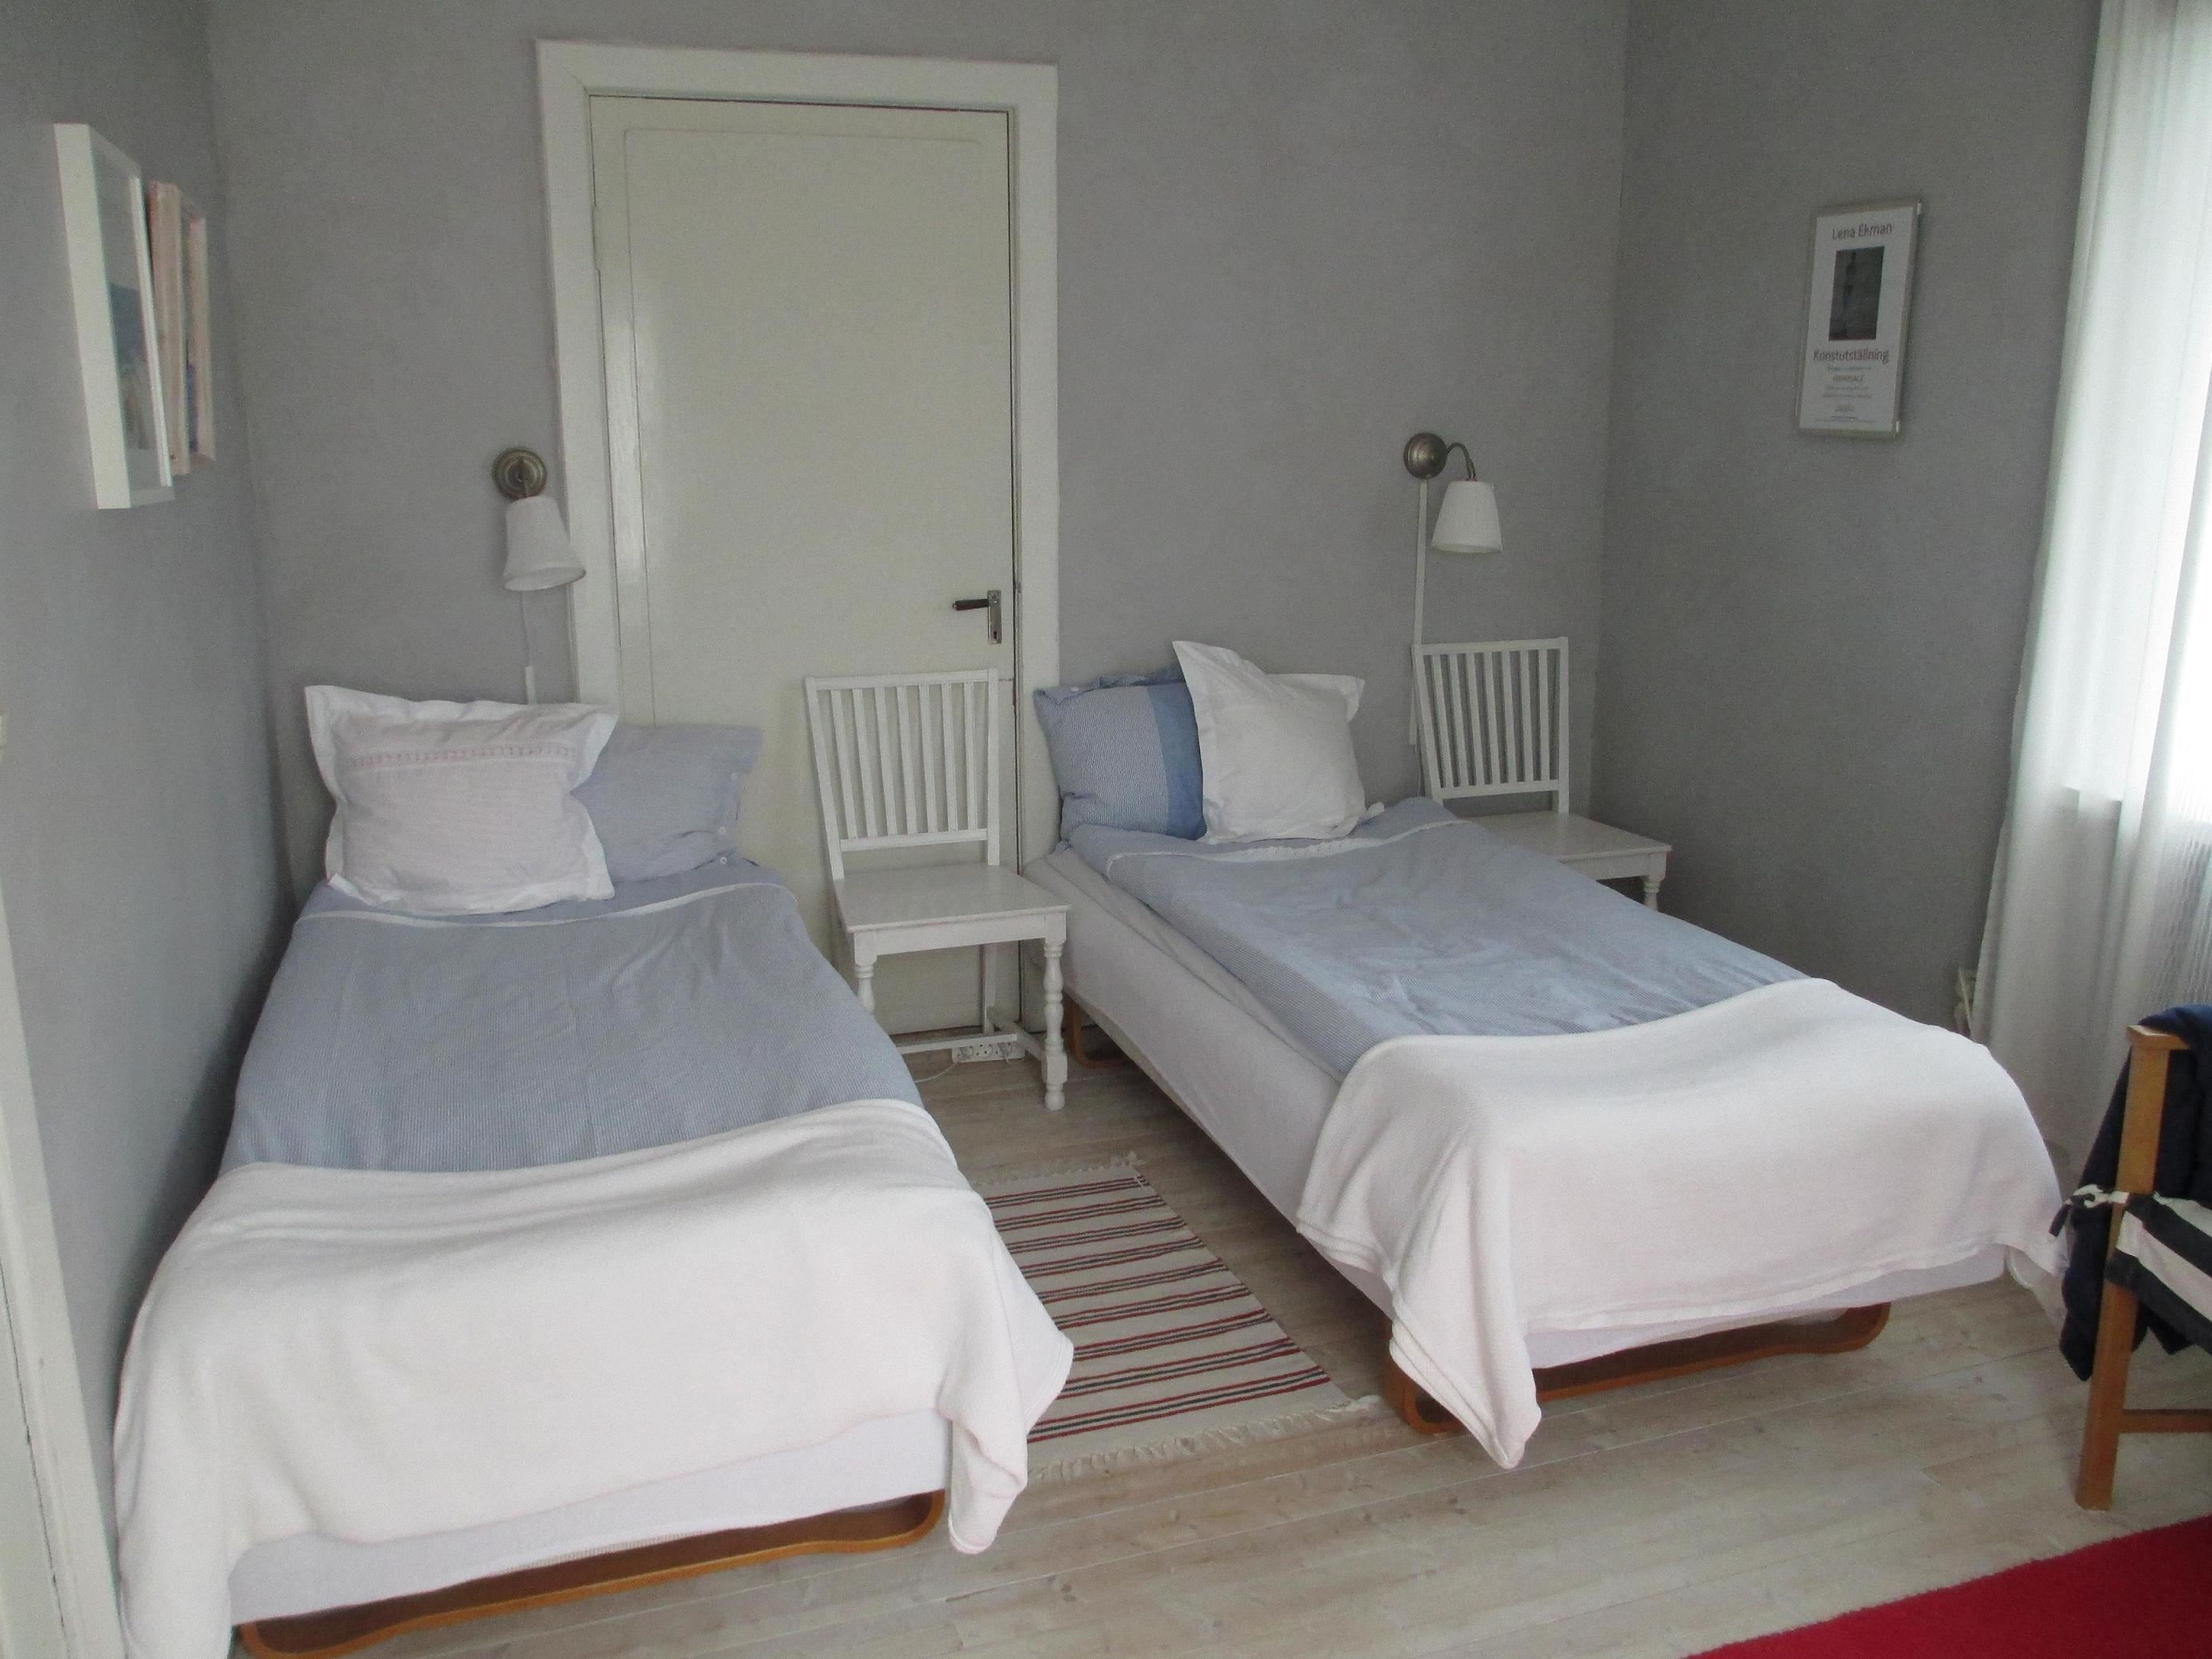 foto: Lisa Reil, Hundvänligt rum hos Bed & Breakfast Åsäng Höga Kusten